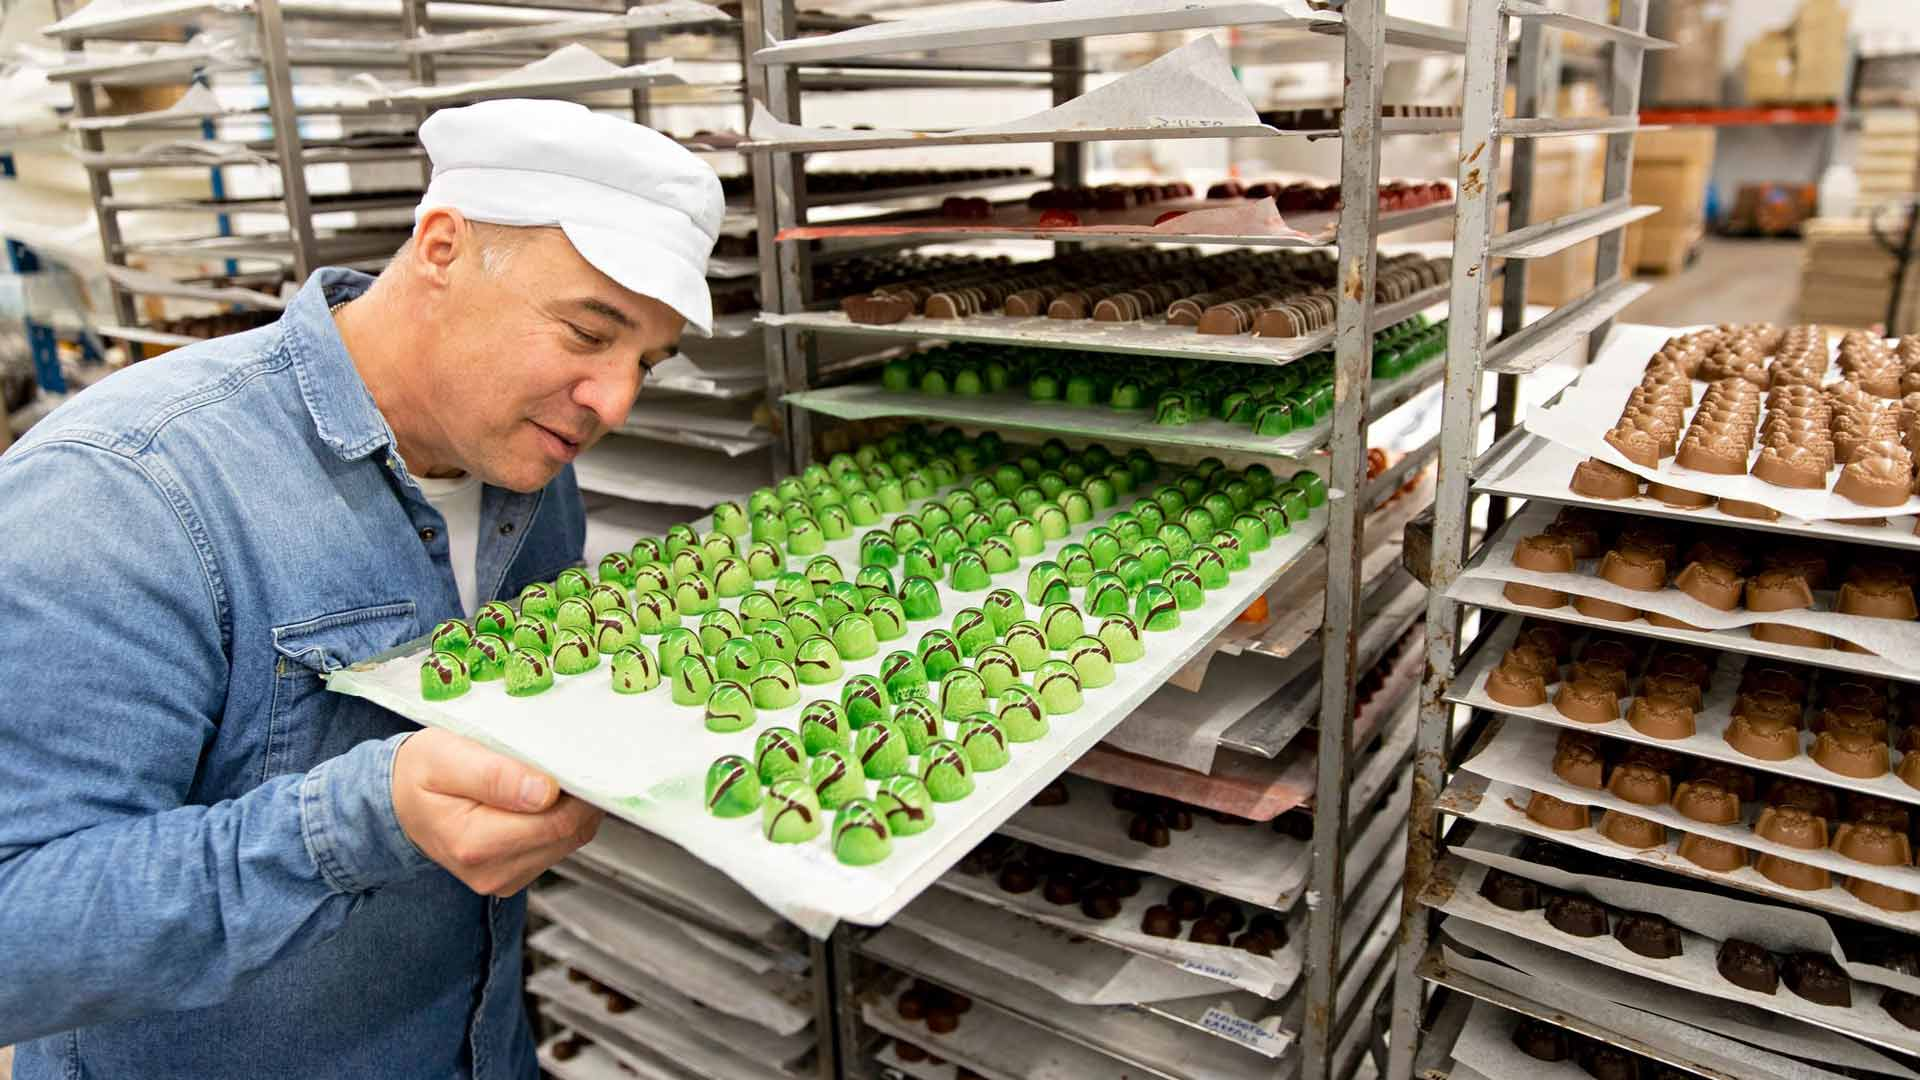 """Vihreät konvehdit odottavat pakkaamista. """"Nämä tuoksuvat päärynältä"""", Dammenbergin Marko Iso-Kungas kertoo."""